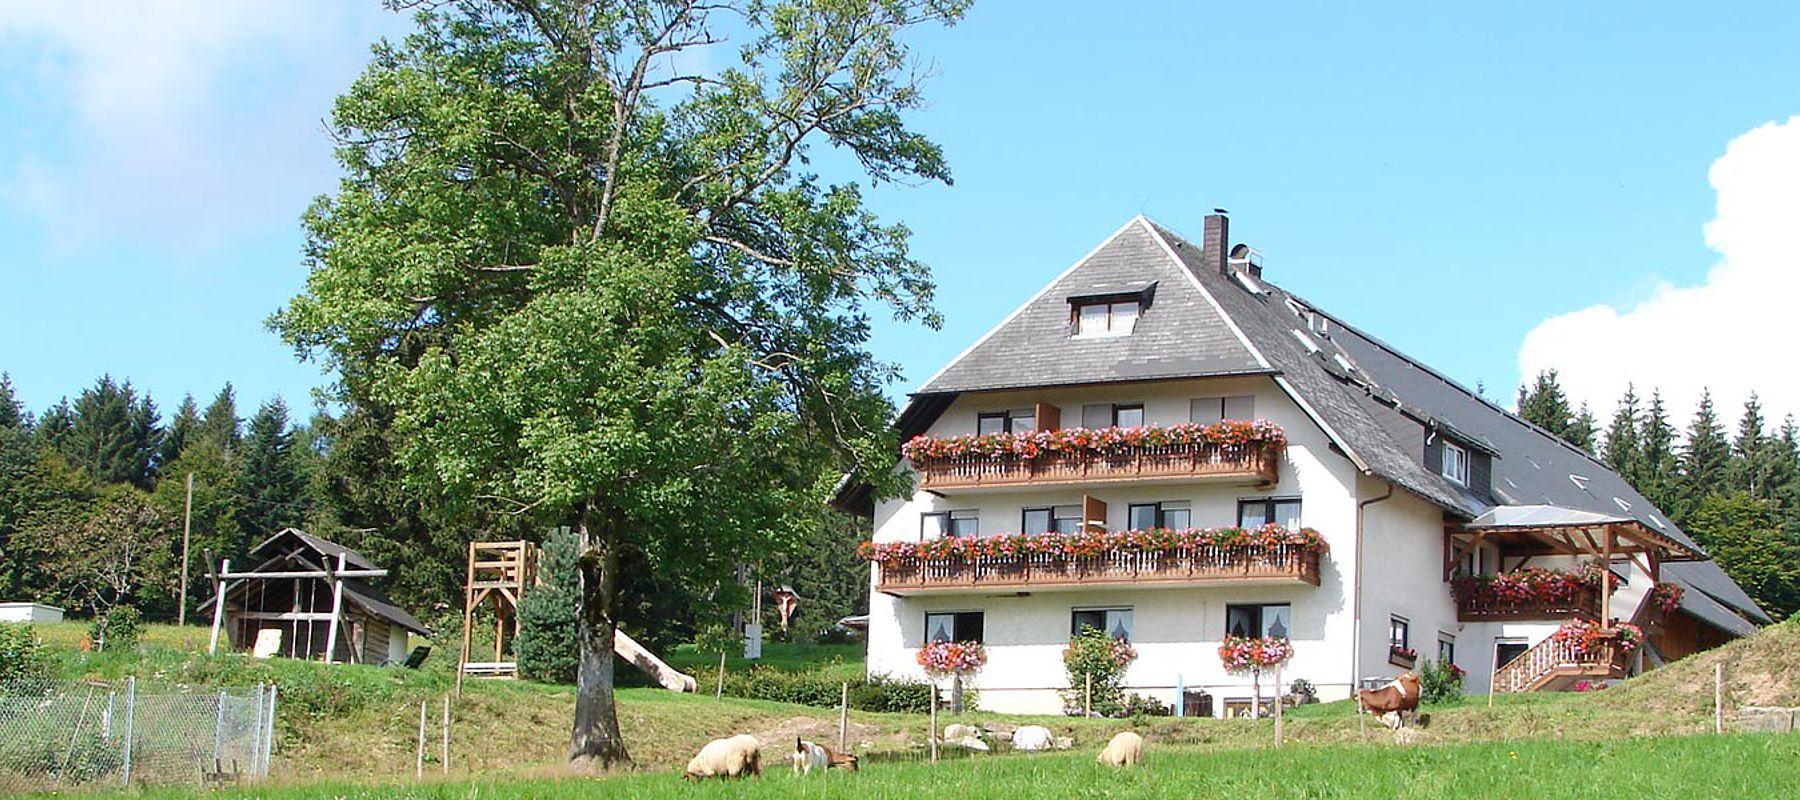 Sommer Bauernhof Schwarzwald